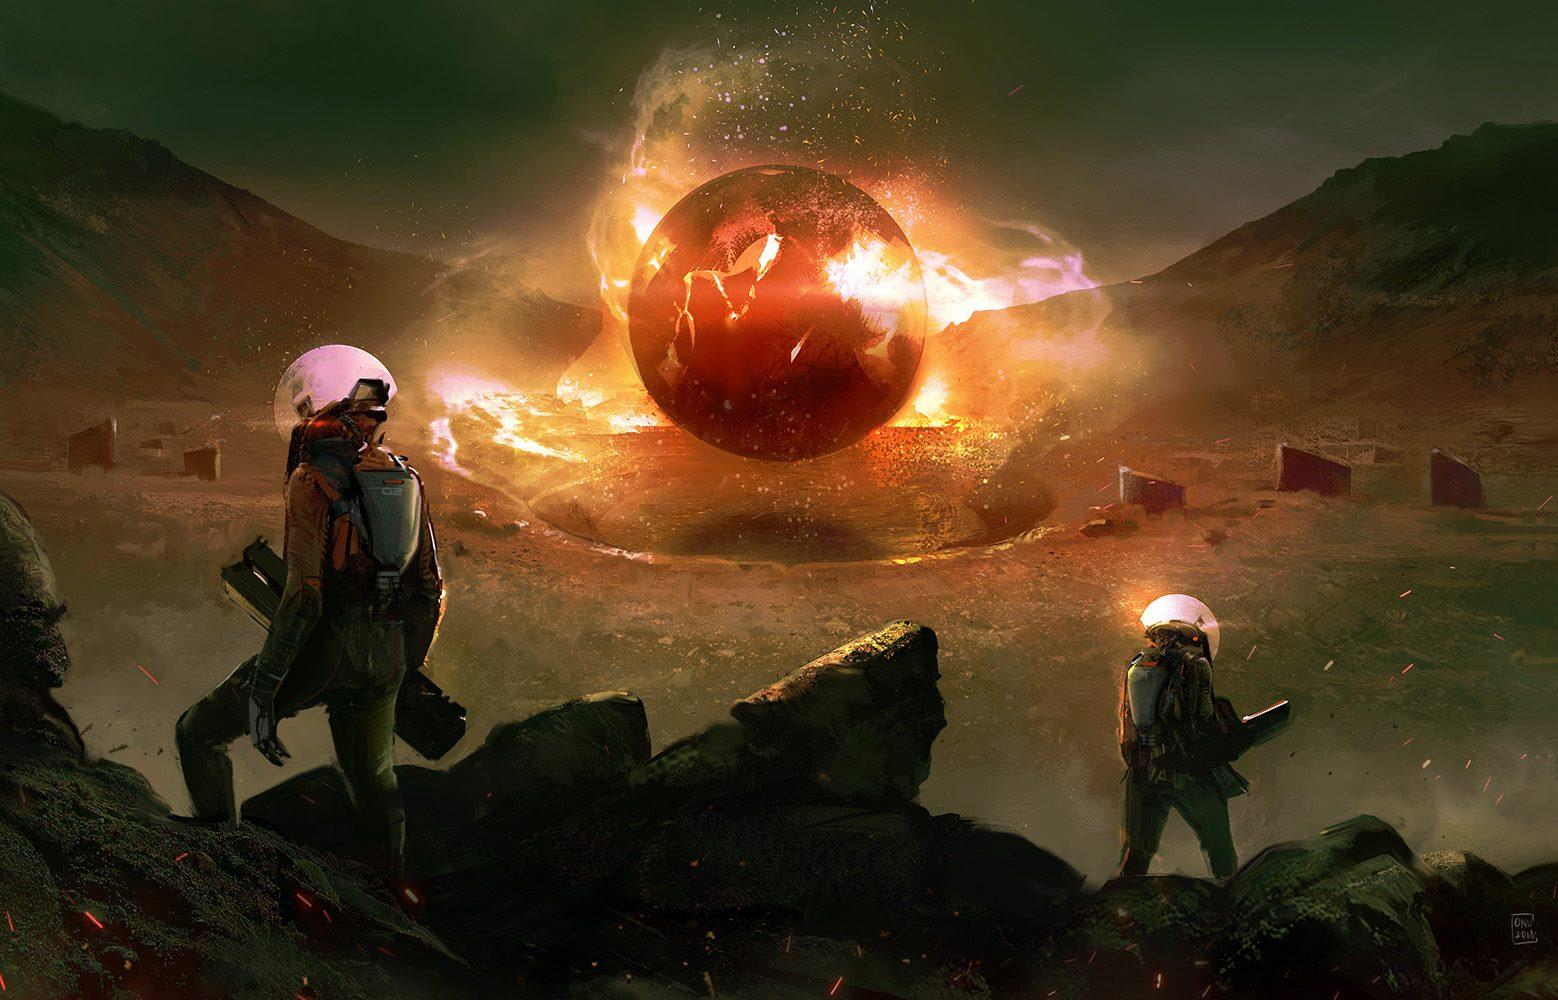 Digital illustration of an alien glowing orb.